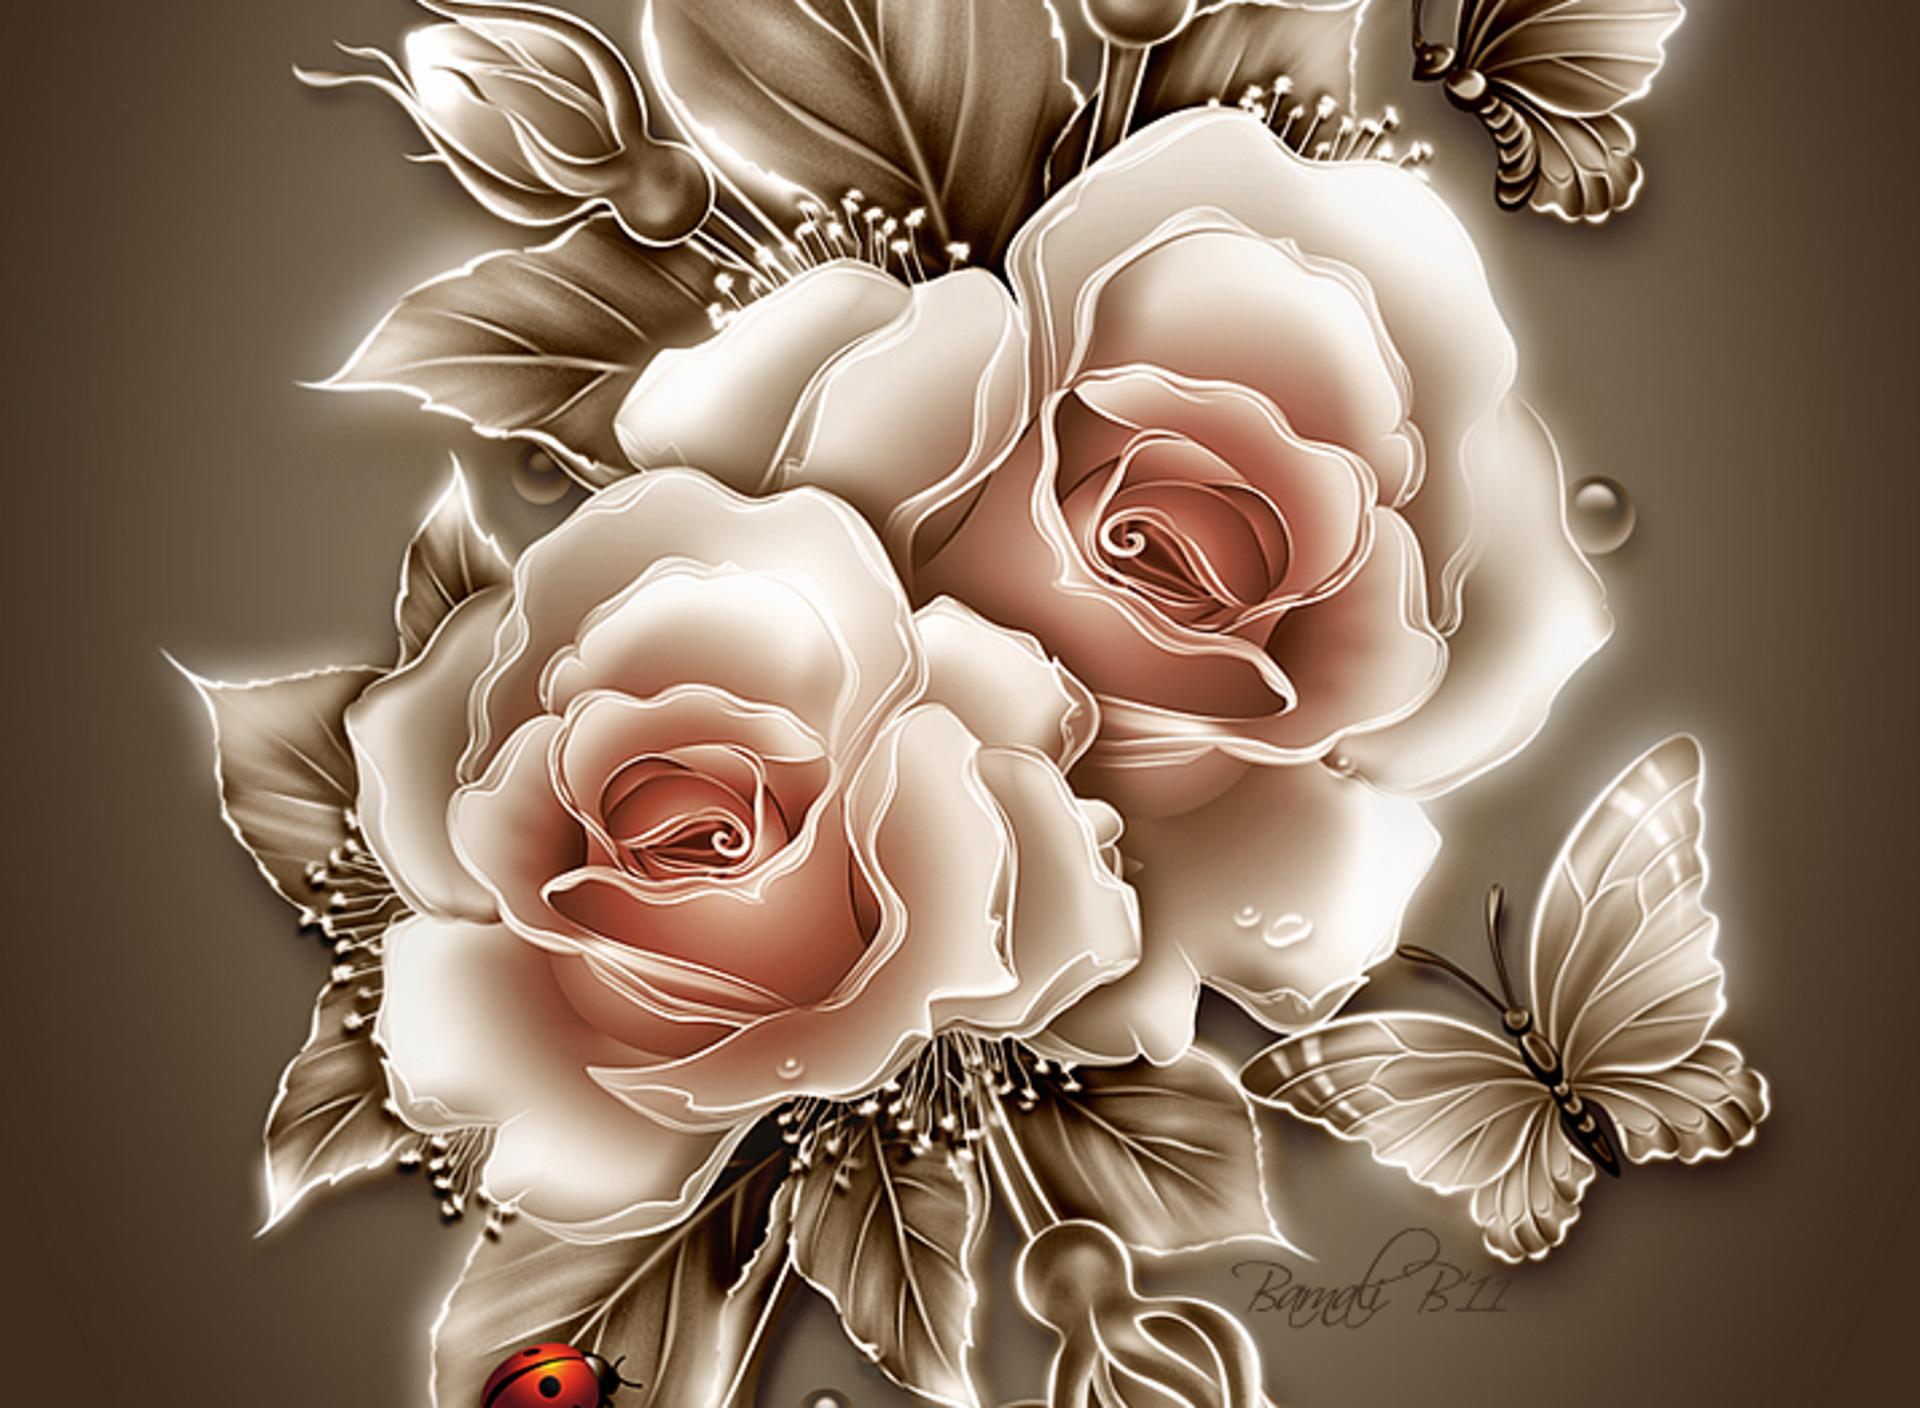 Beautiful wallpapers screensavers sf wallpaper free beautiful wallpapers and screensavers wallpapersafari izmirmasajfo